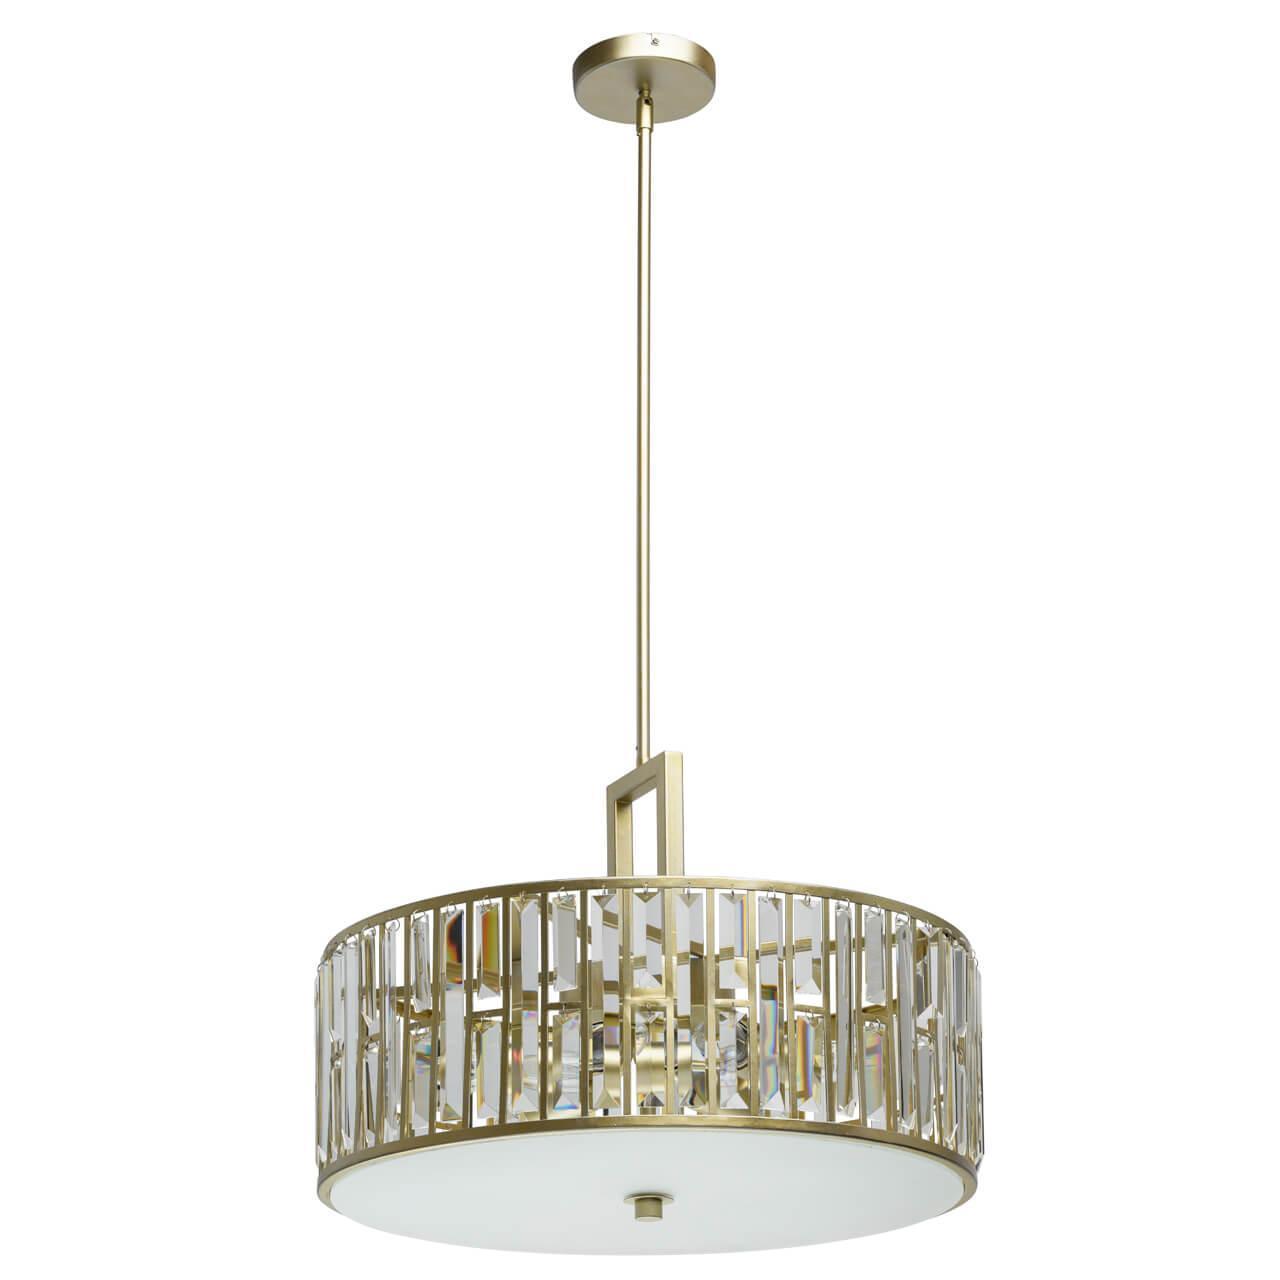 Купить Подвесной светильник Regenbogen Life монарх, inmyroom, Германия